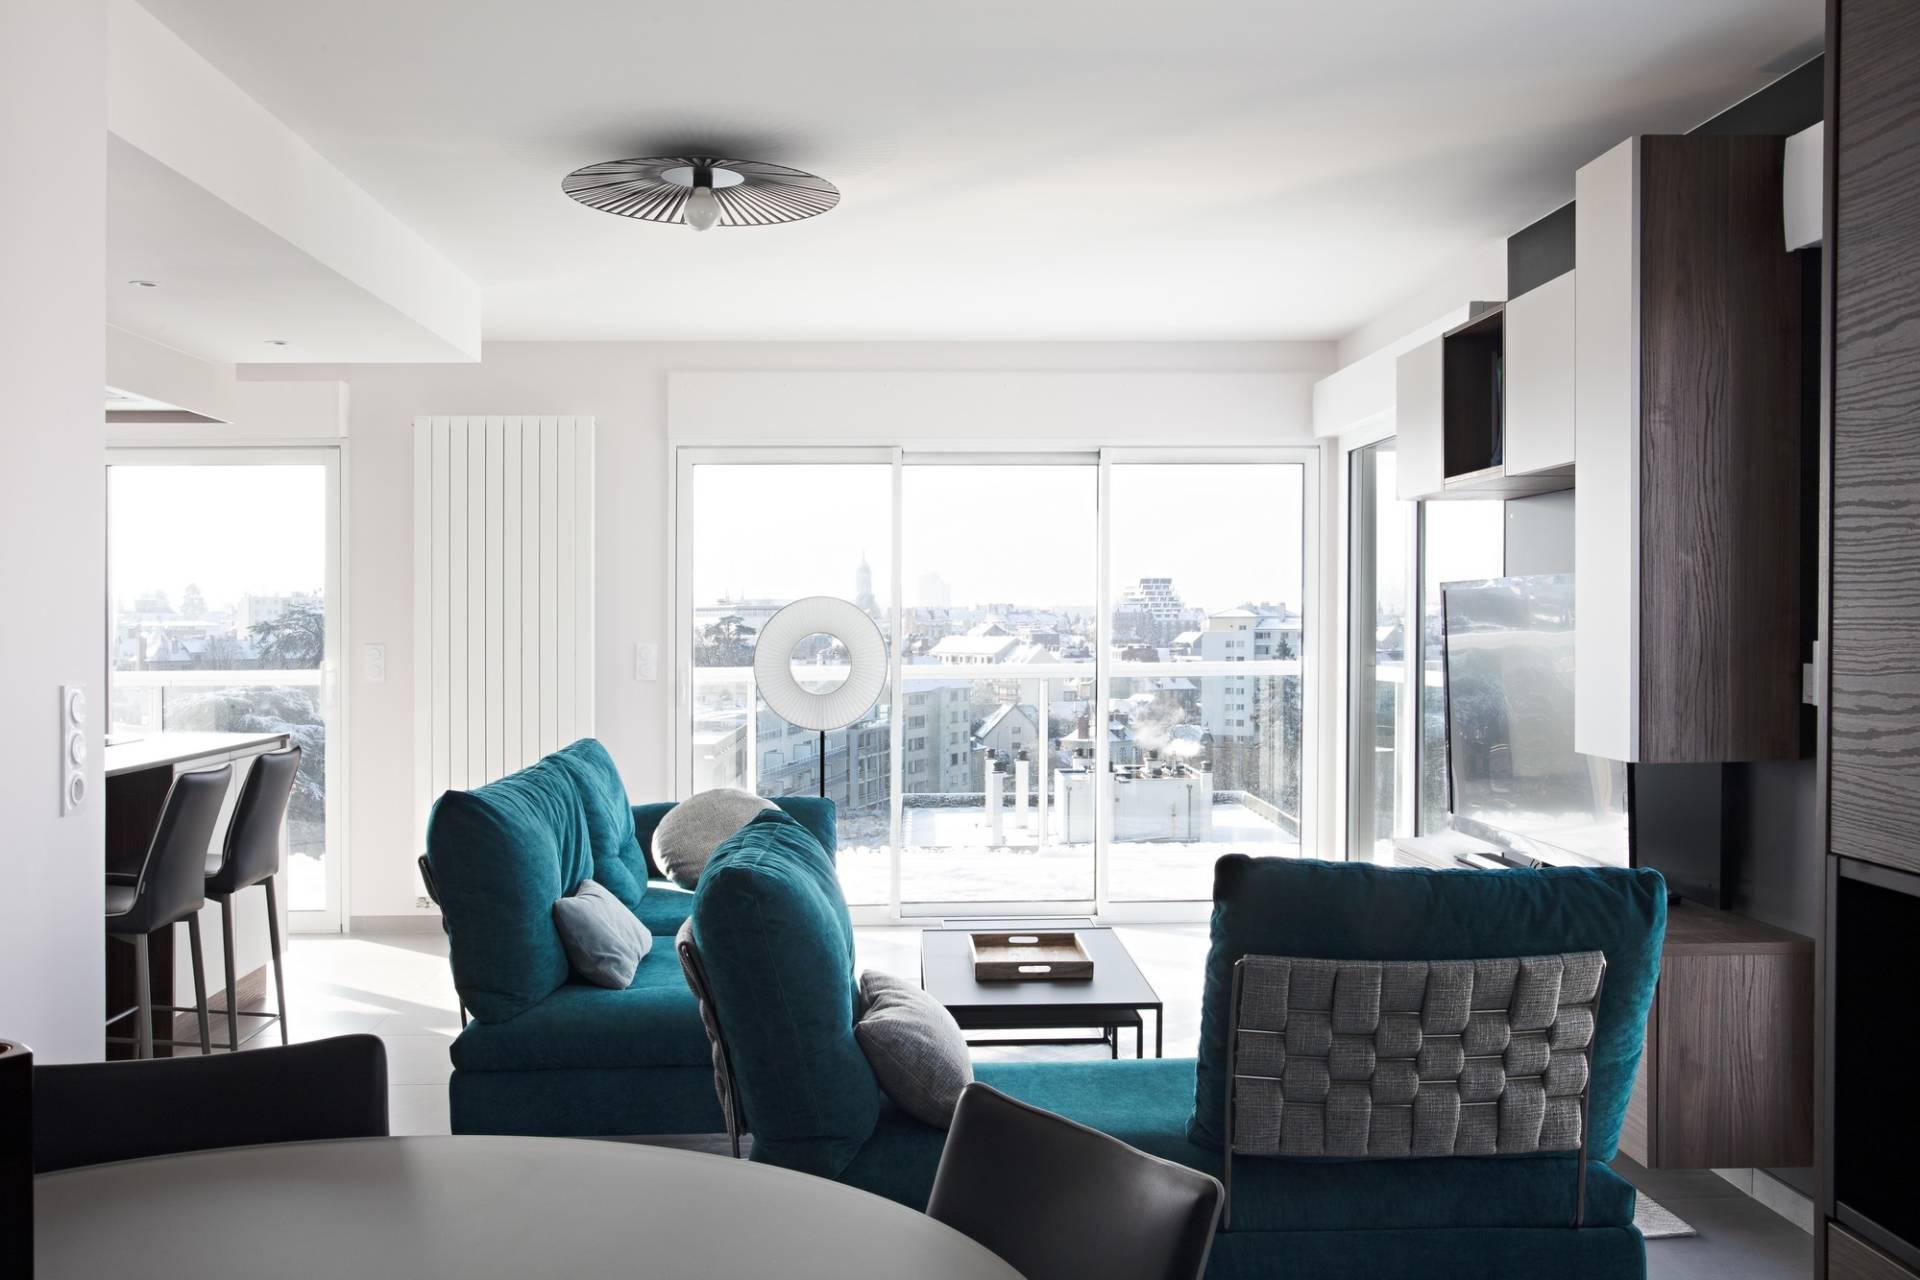 Décoration et agencement d'un appartement sur plans à Rennes - salon lumineux canapés bleu canard agencement TV sur-mesure liseuse Iris plafonnier Lucie